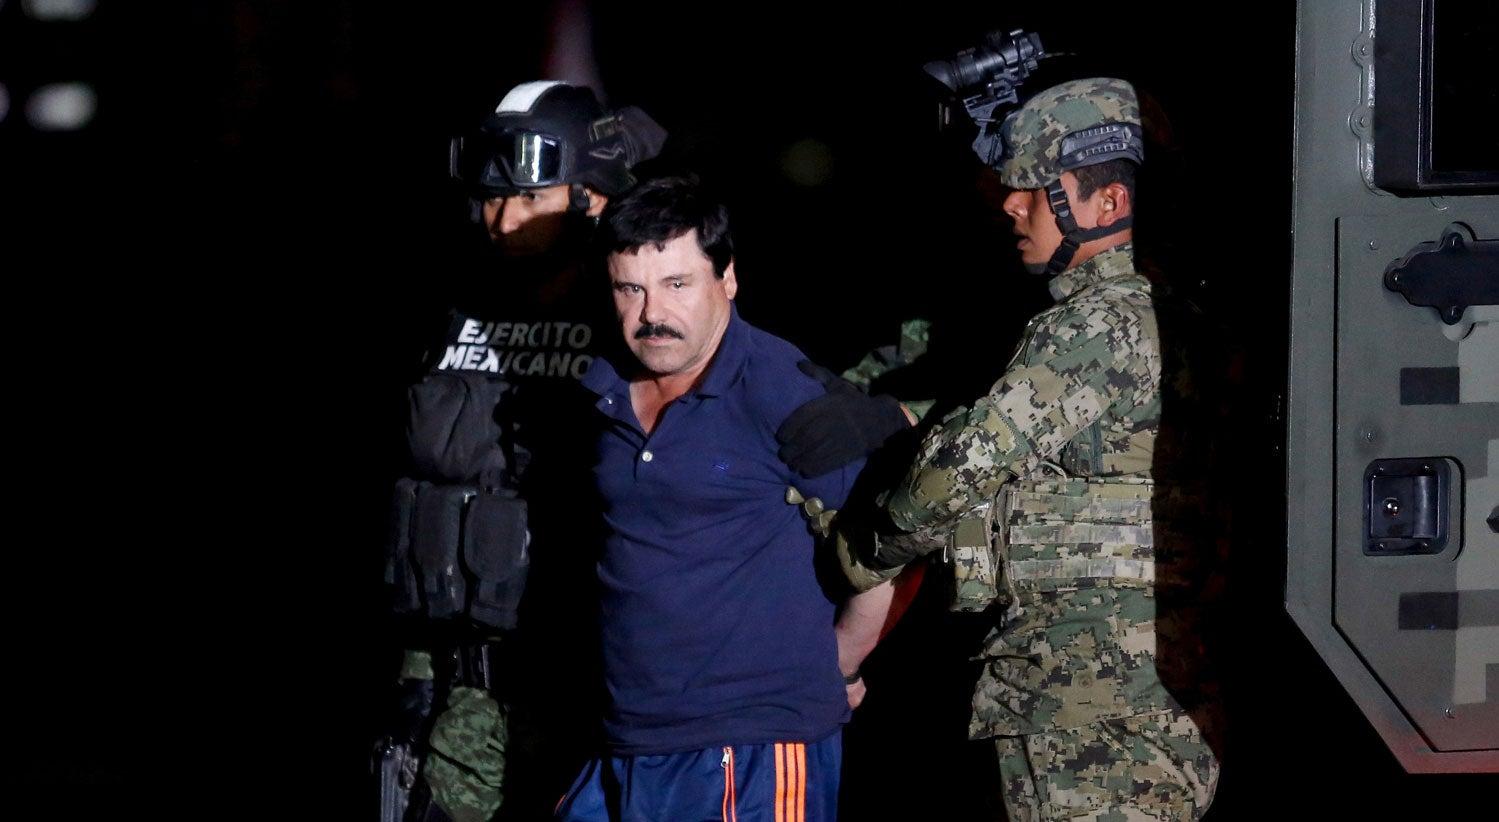 México entregou El Chapo aos Estados Unidos